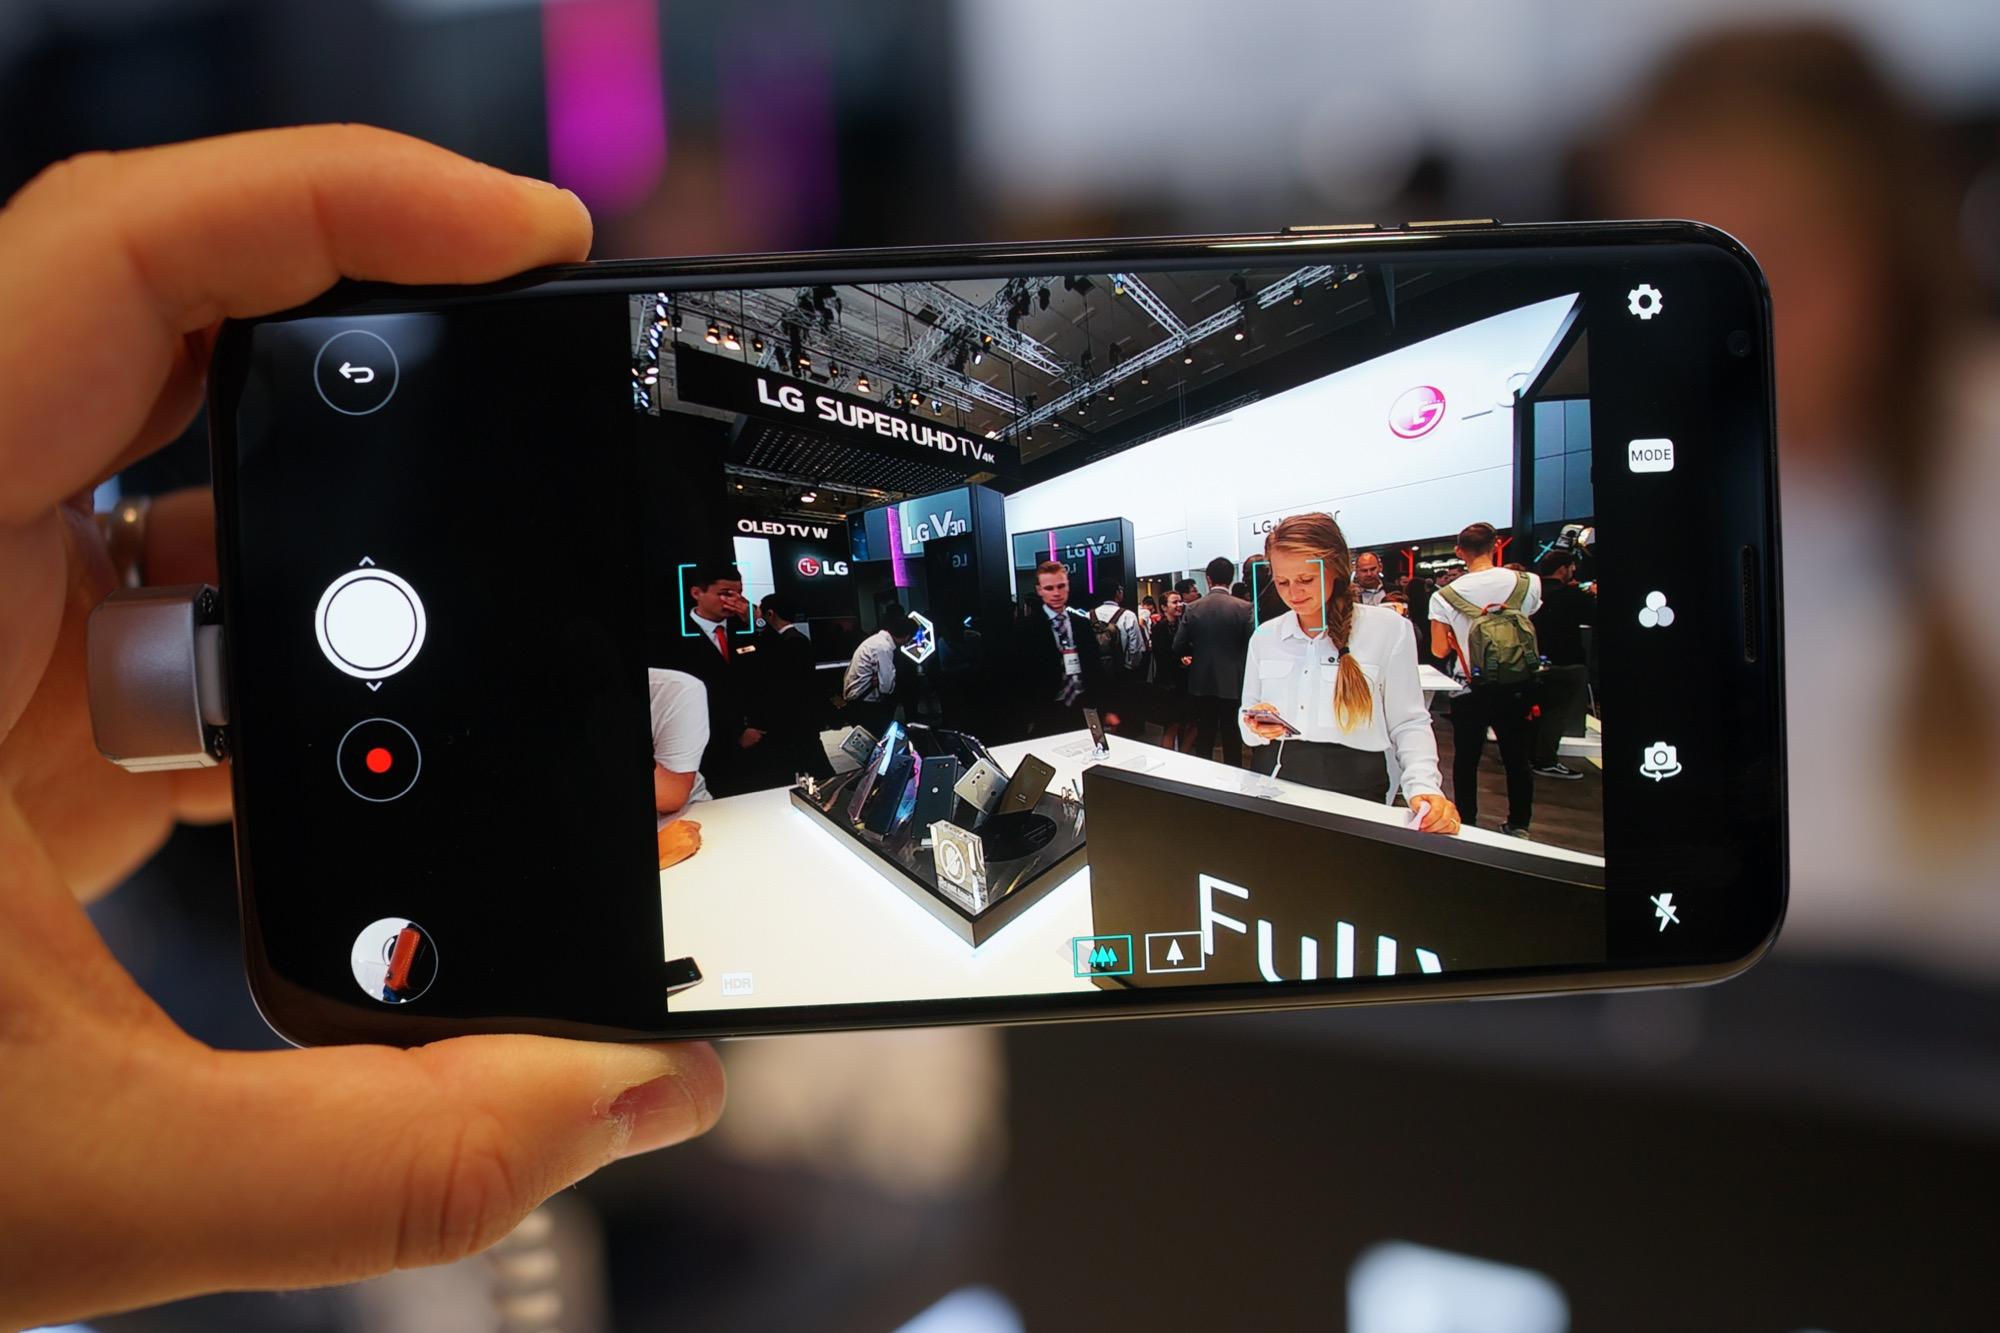 LG V30 : 5 octobre aux Etats-Unis à 800 dollars, toujours rien en Europe